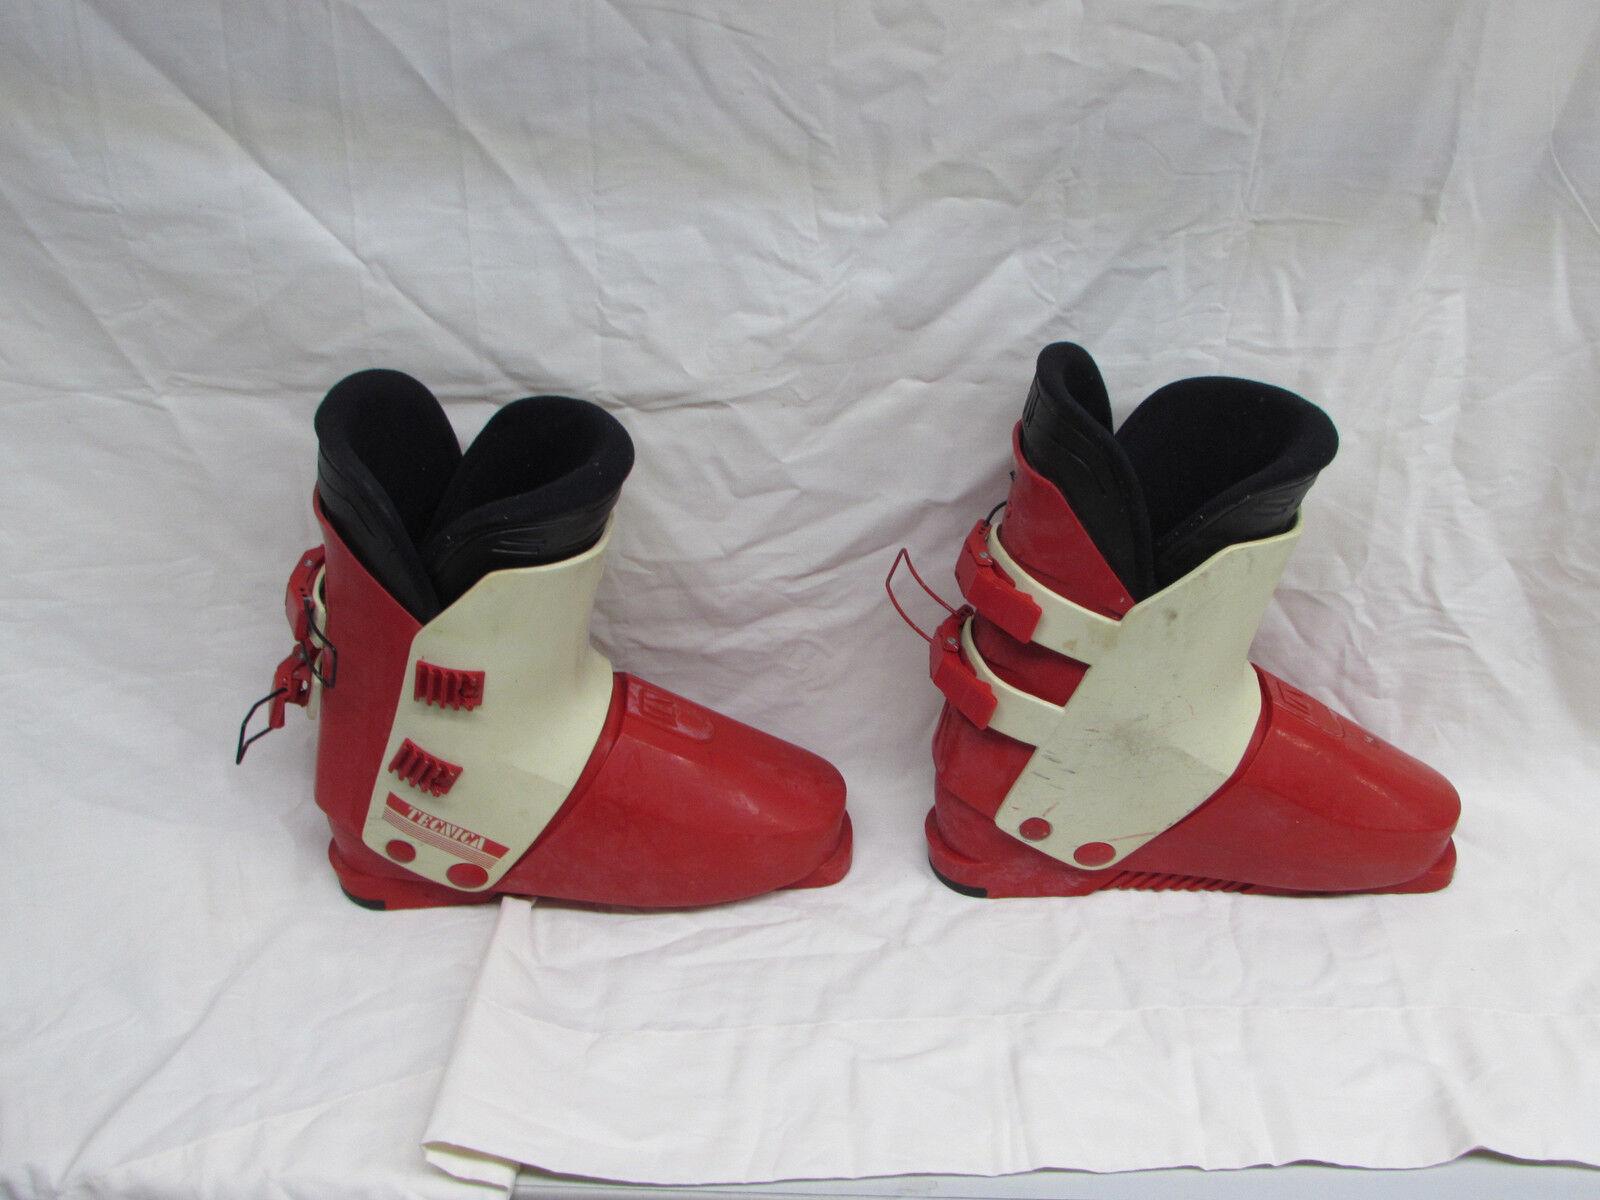 Tecnica Ski Stiefel Größe 11 29.5 Orange & Weiß Weiß Weiß Used Nice Shape 07f469